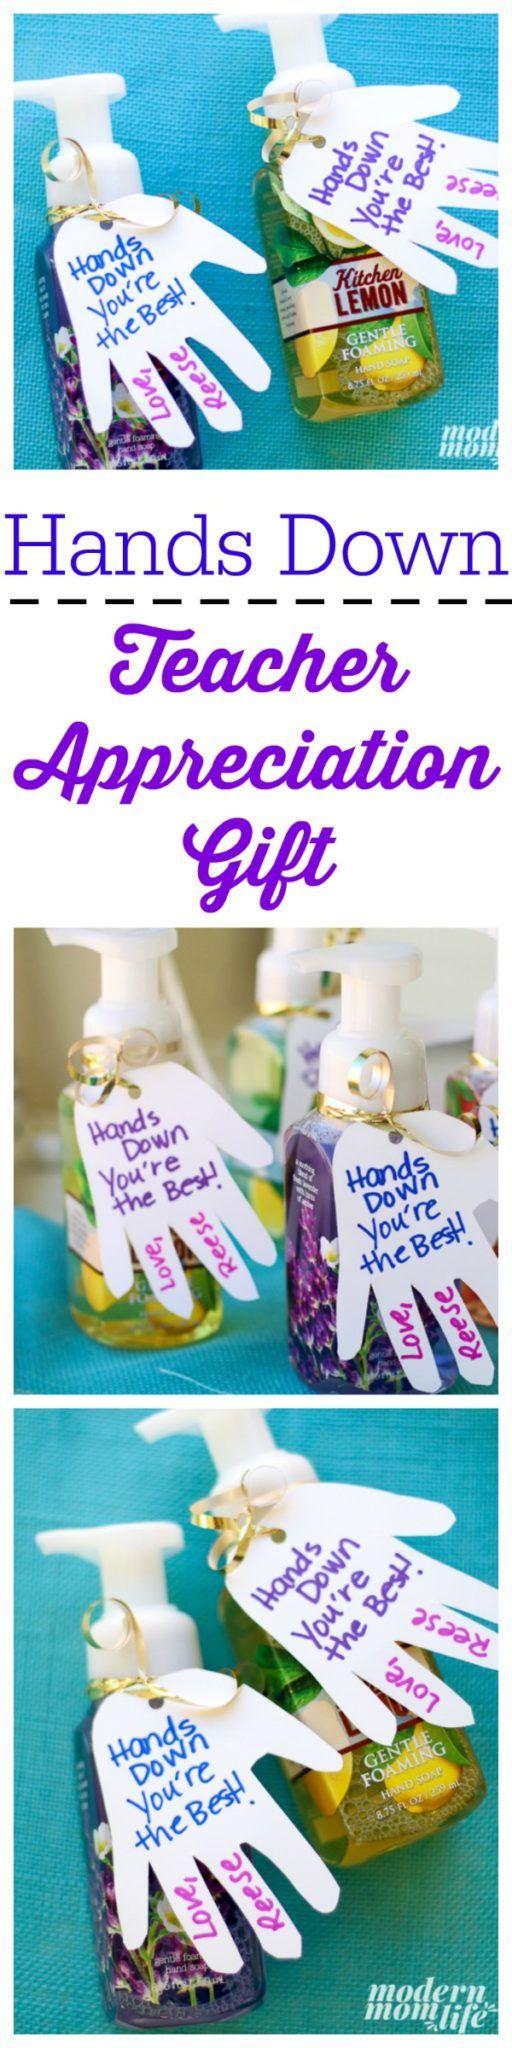 How to Make a Hands Down Teacher Appreciation Gift #teachergifts